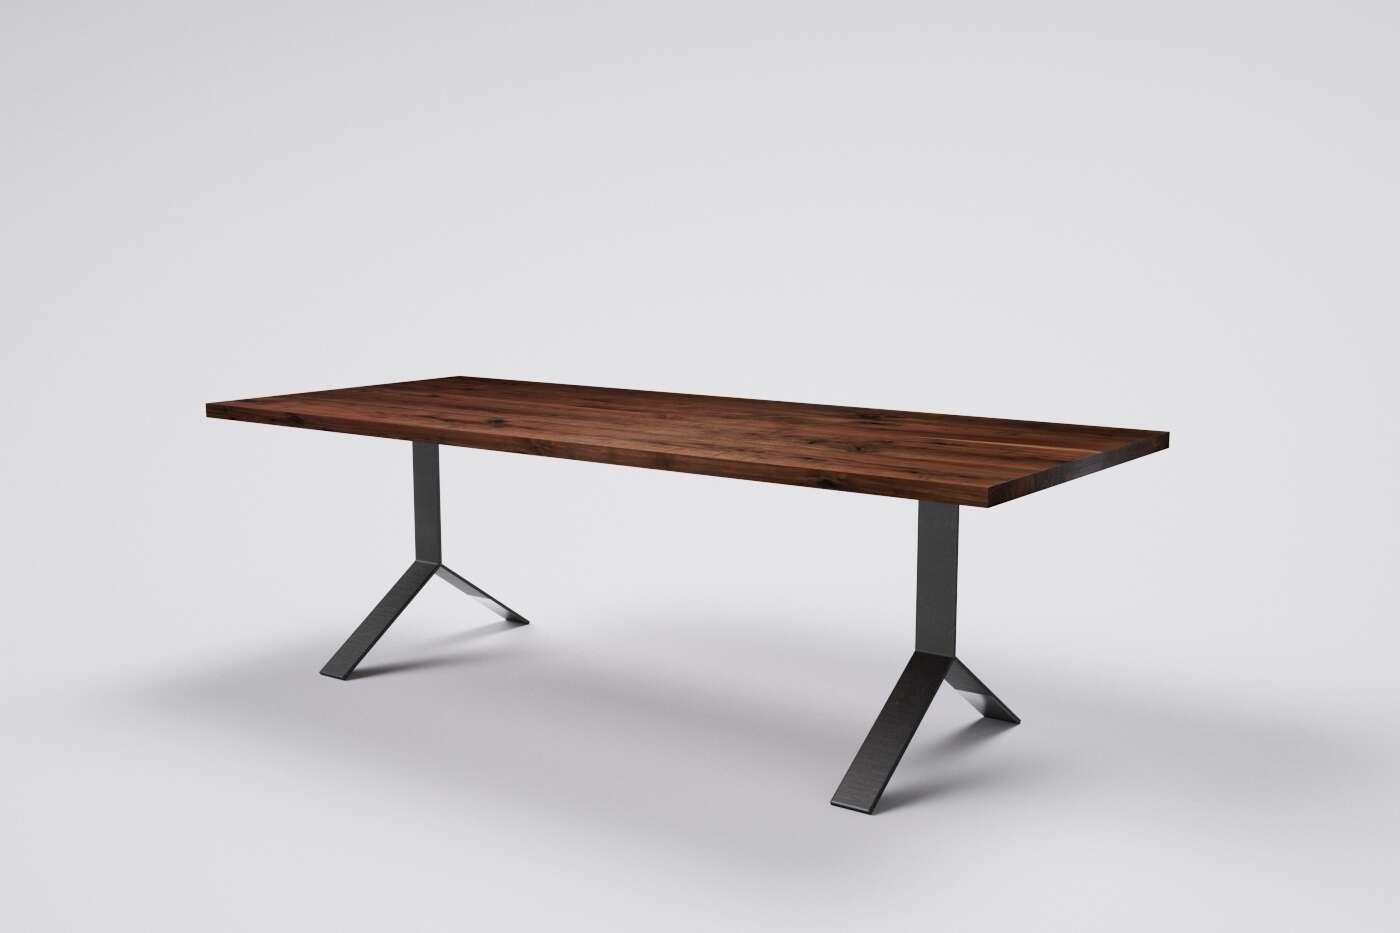 Nußbaum Massivholz Tisch | Wohnsektion